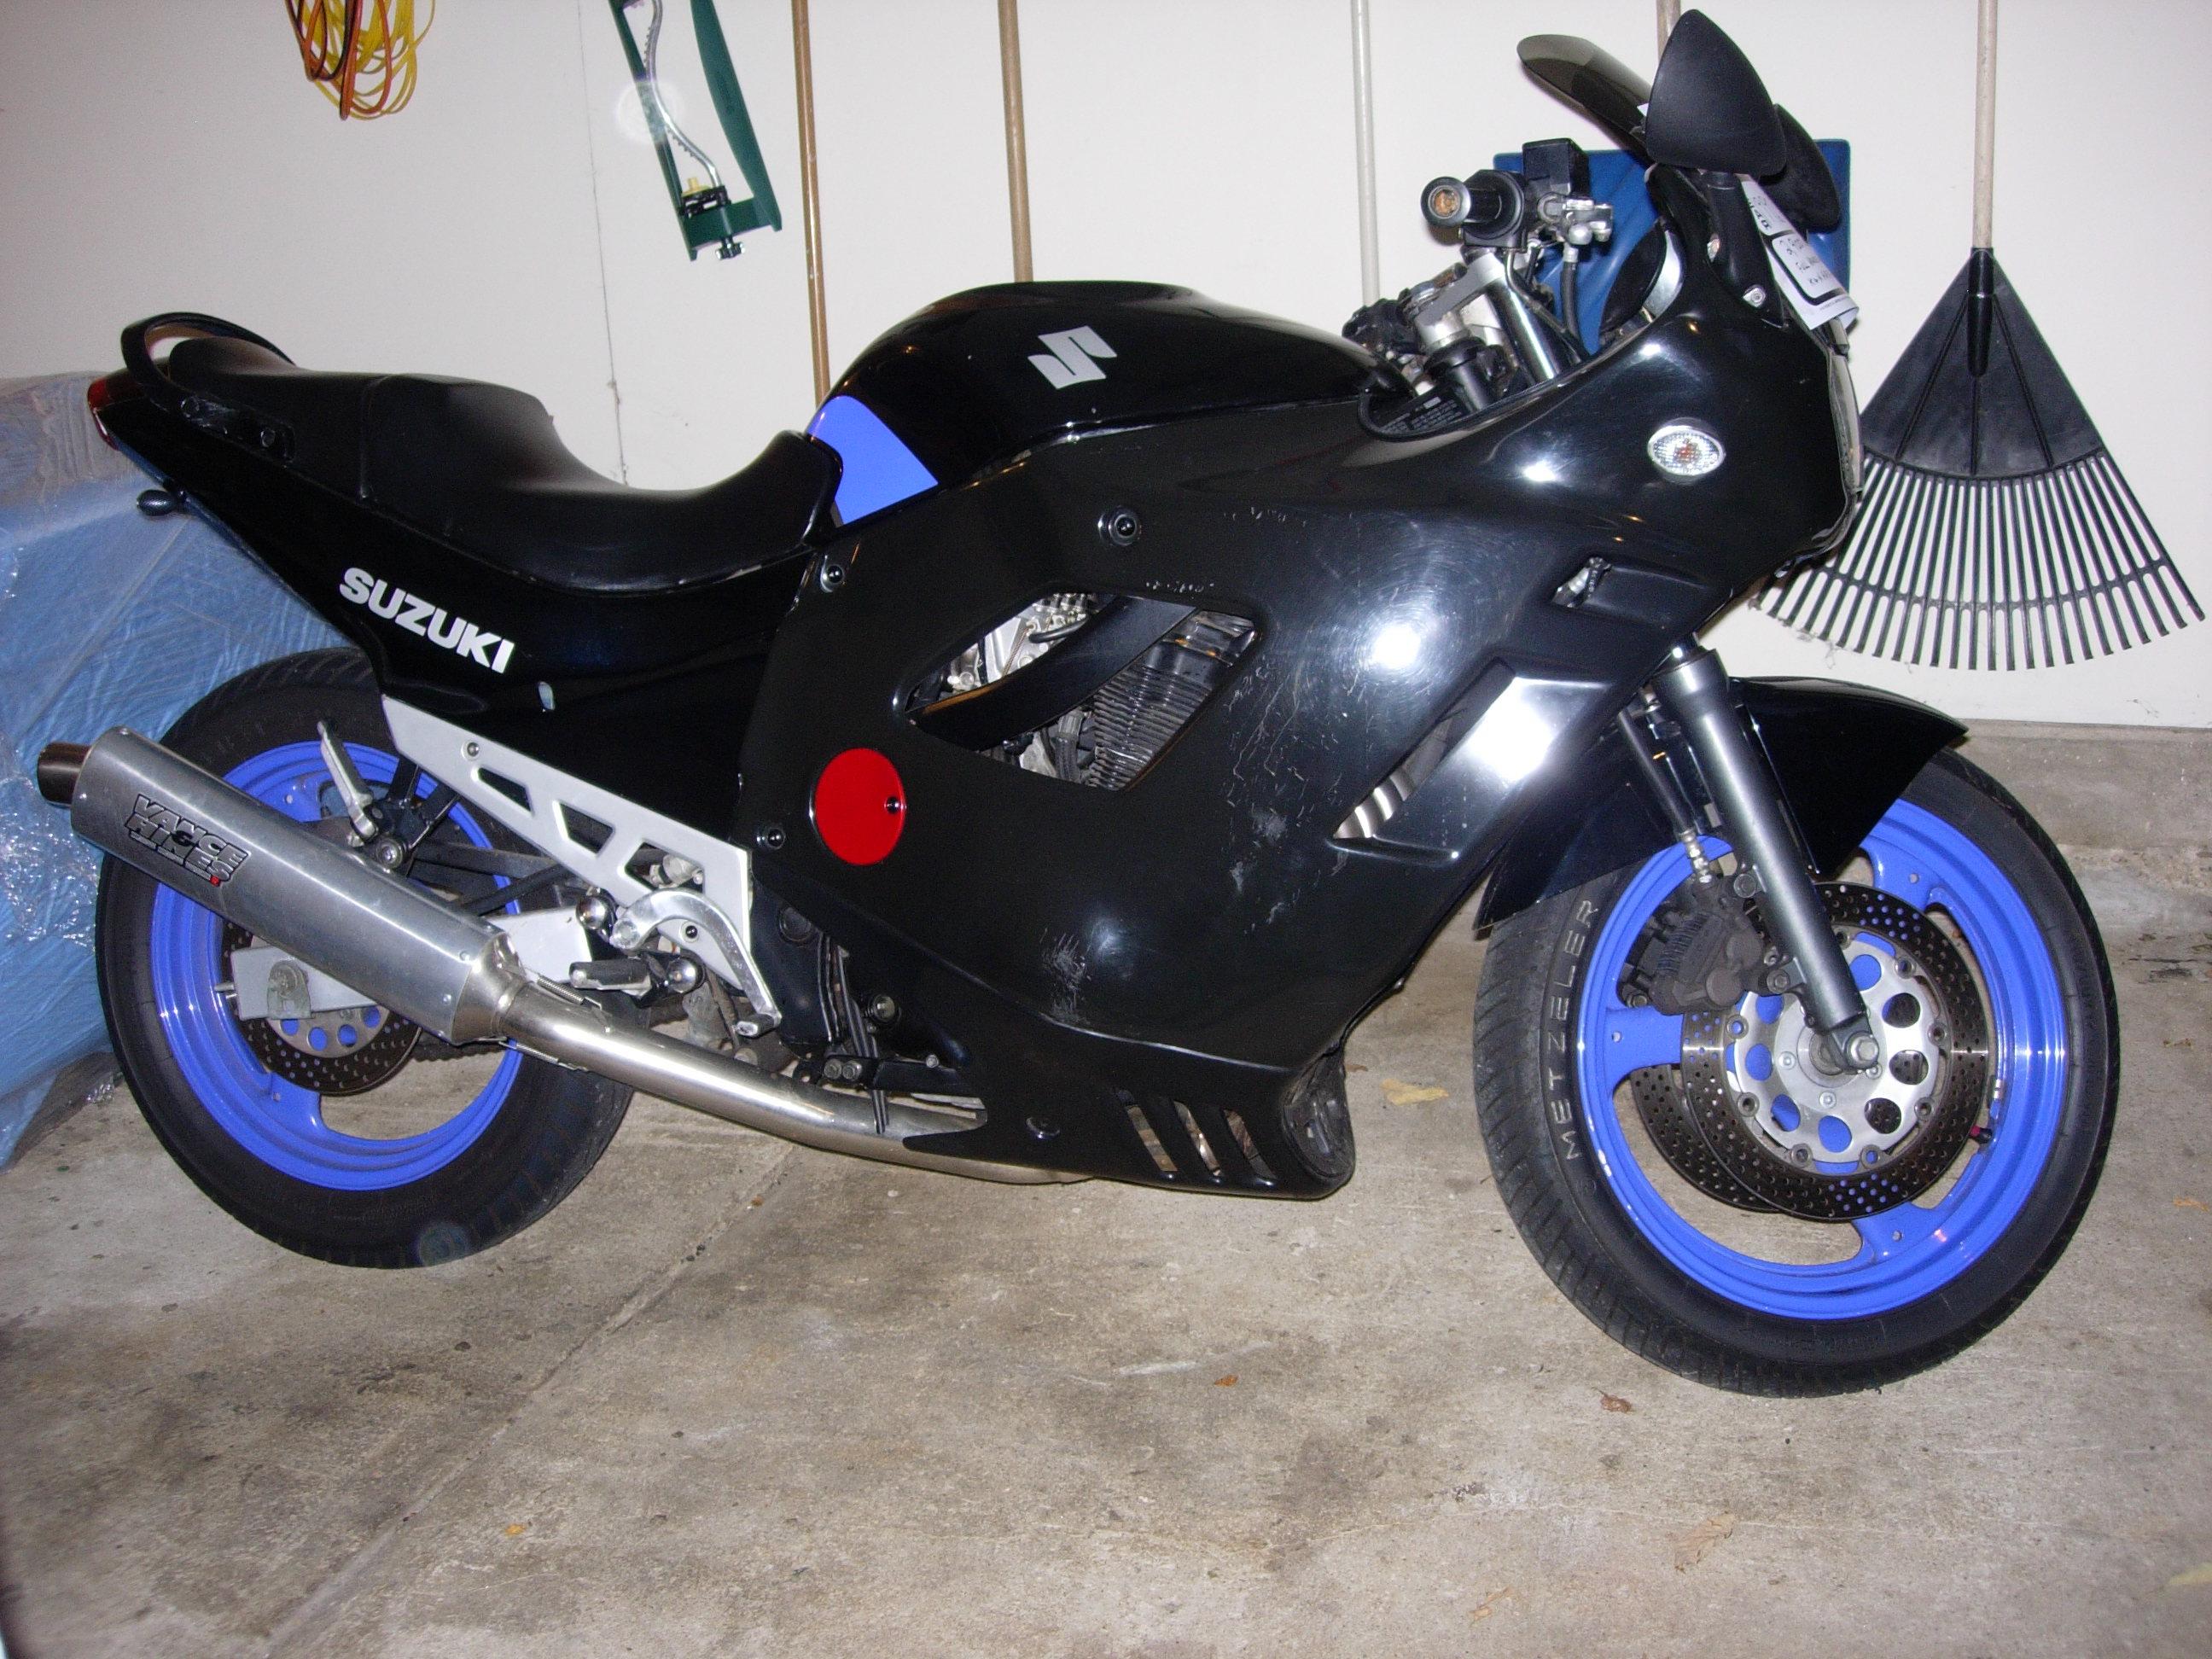 For Sale 1992 Suzuki Katana 600cc